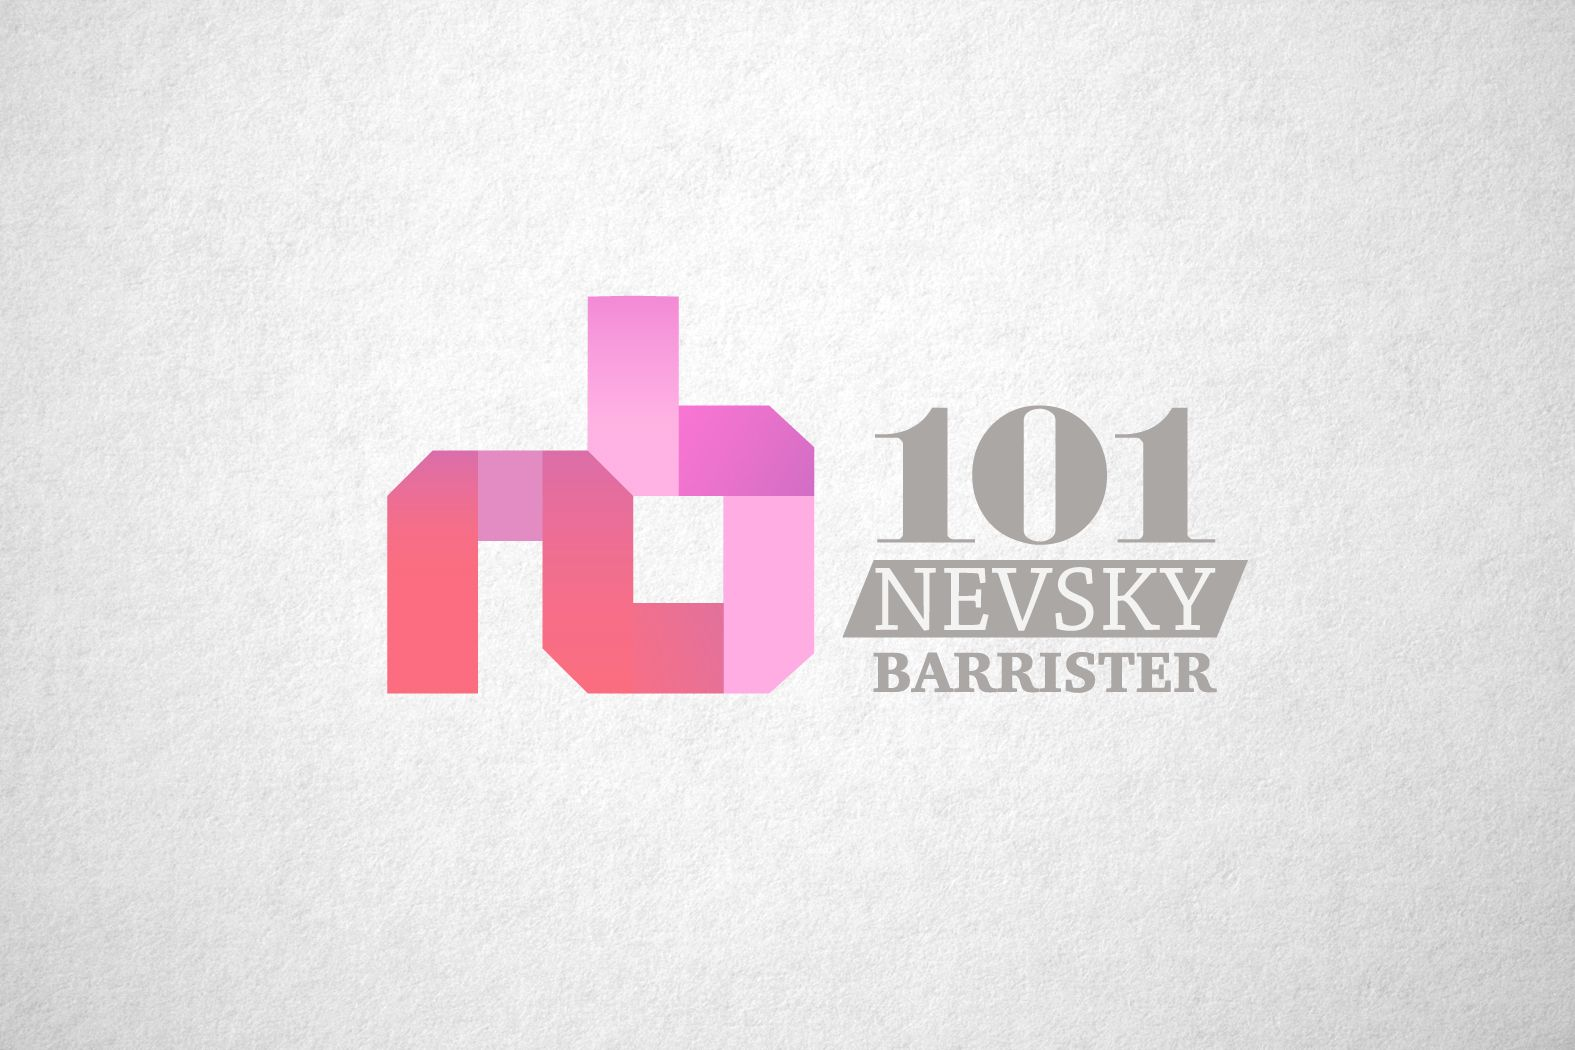 лого и фирменный стиль для адвокатского кабинета - дизайнер funkielevis